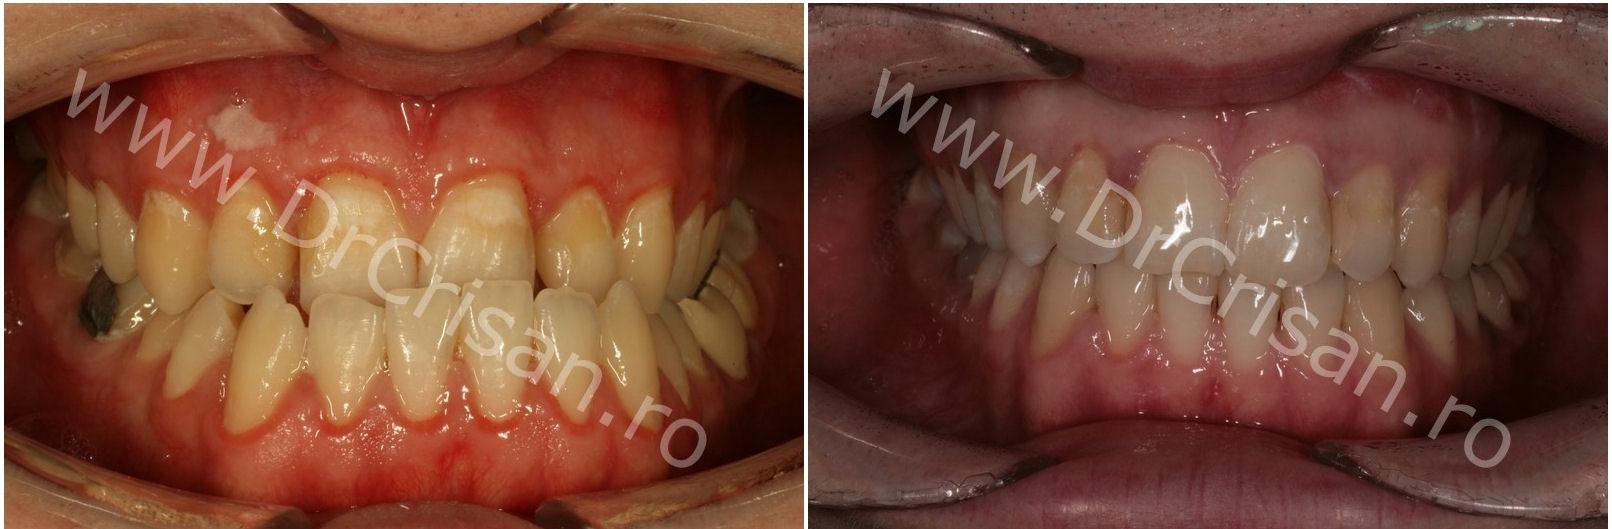 Inainte si dupa tratamentul ortodontic